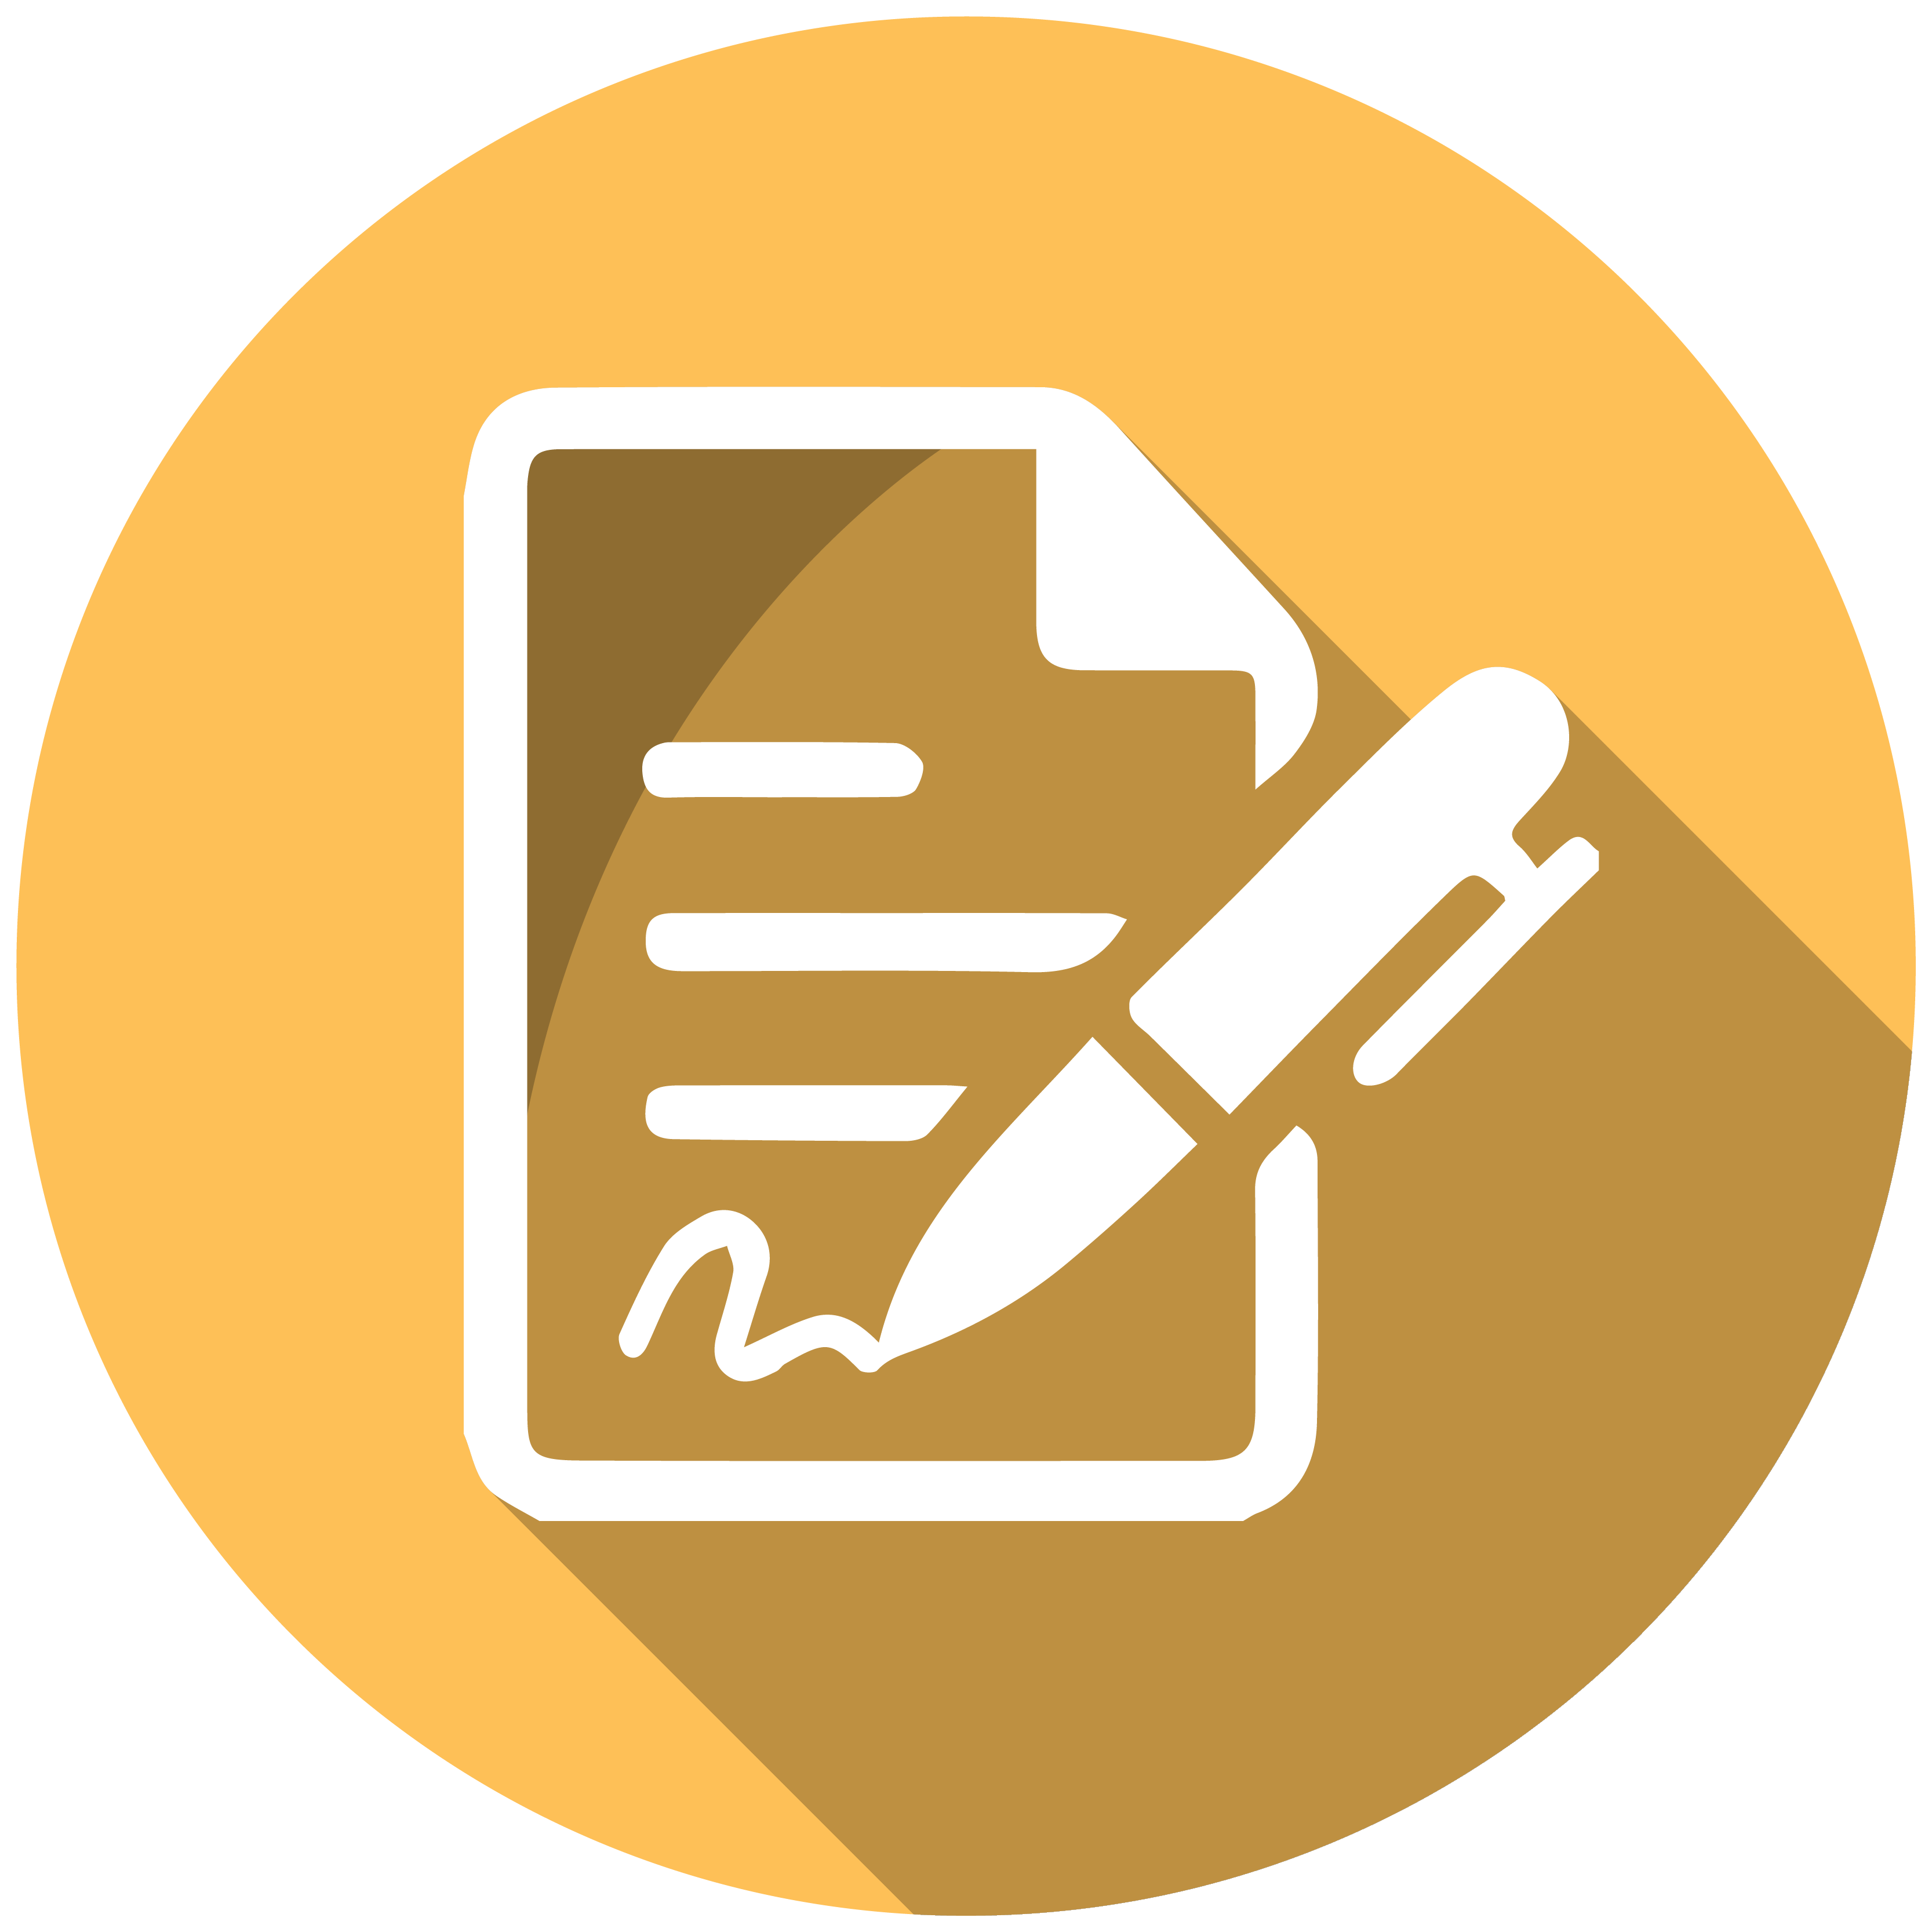 خرید و دانلود ترجمه مقاله ایجاد یک اختلاف مسیر بالینی برای شکستگی لگن و نقش عمل پیشرفته در درمان بیماران با حداقل ضربه